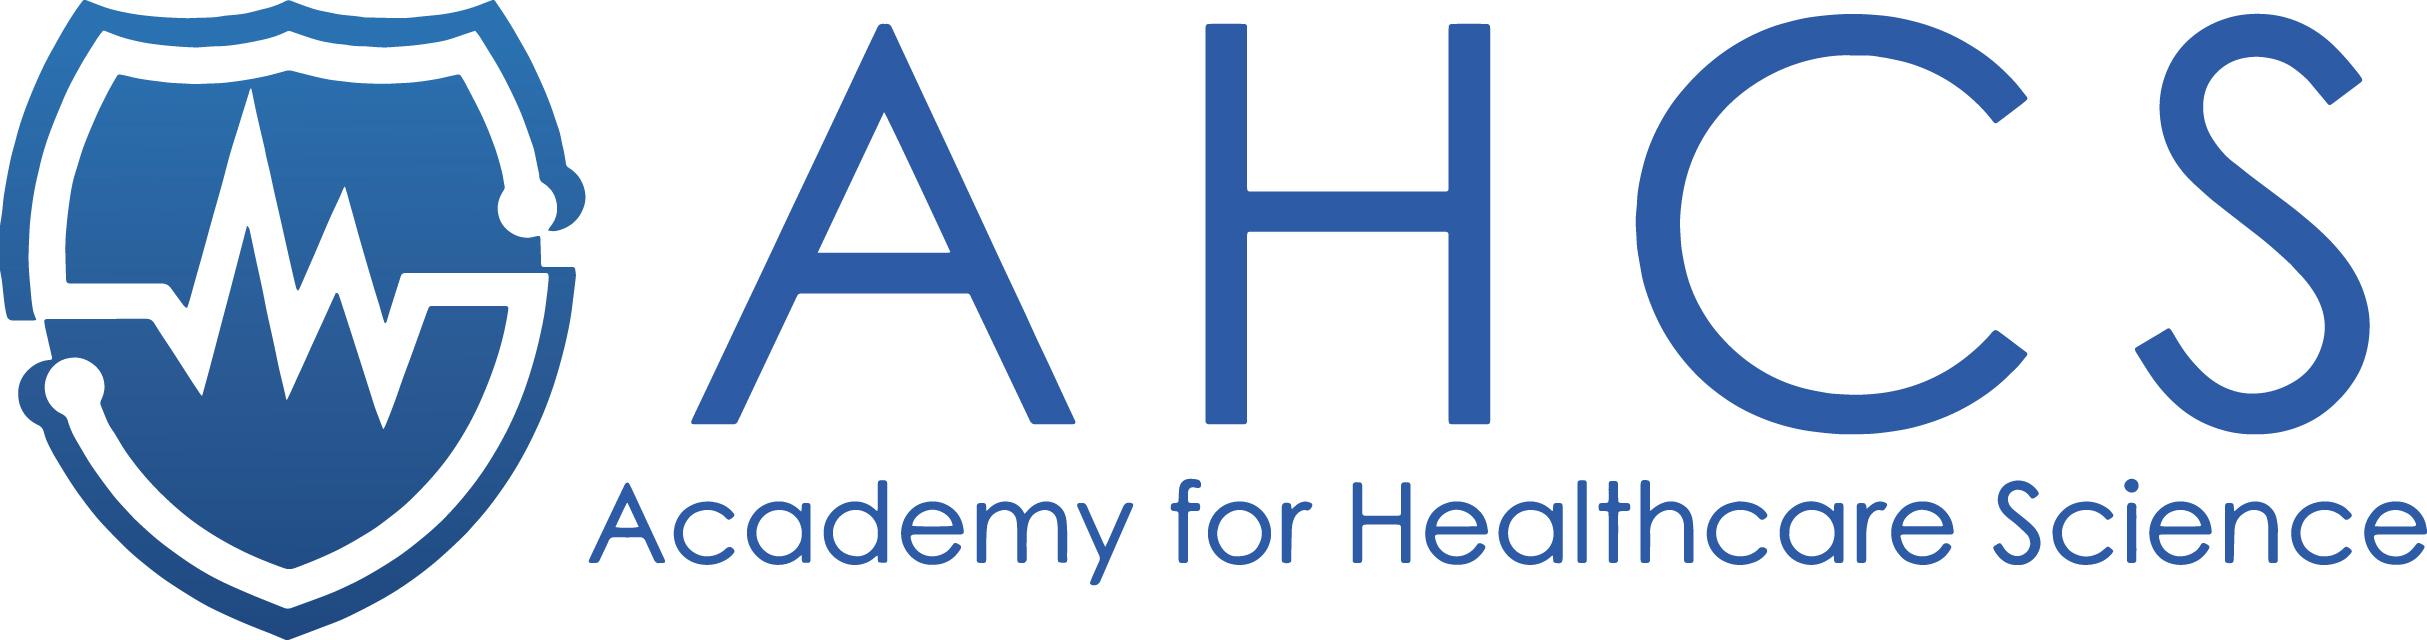 AHCS logo 2560 x 640